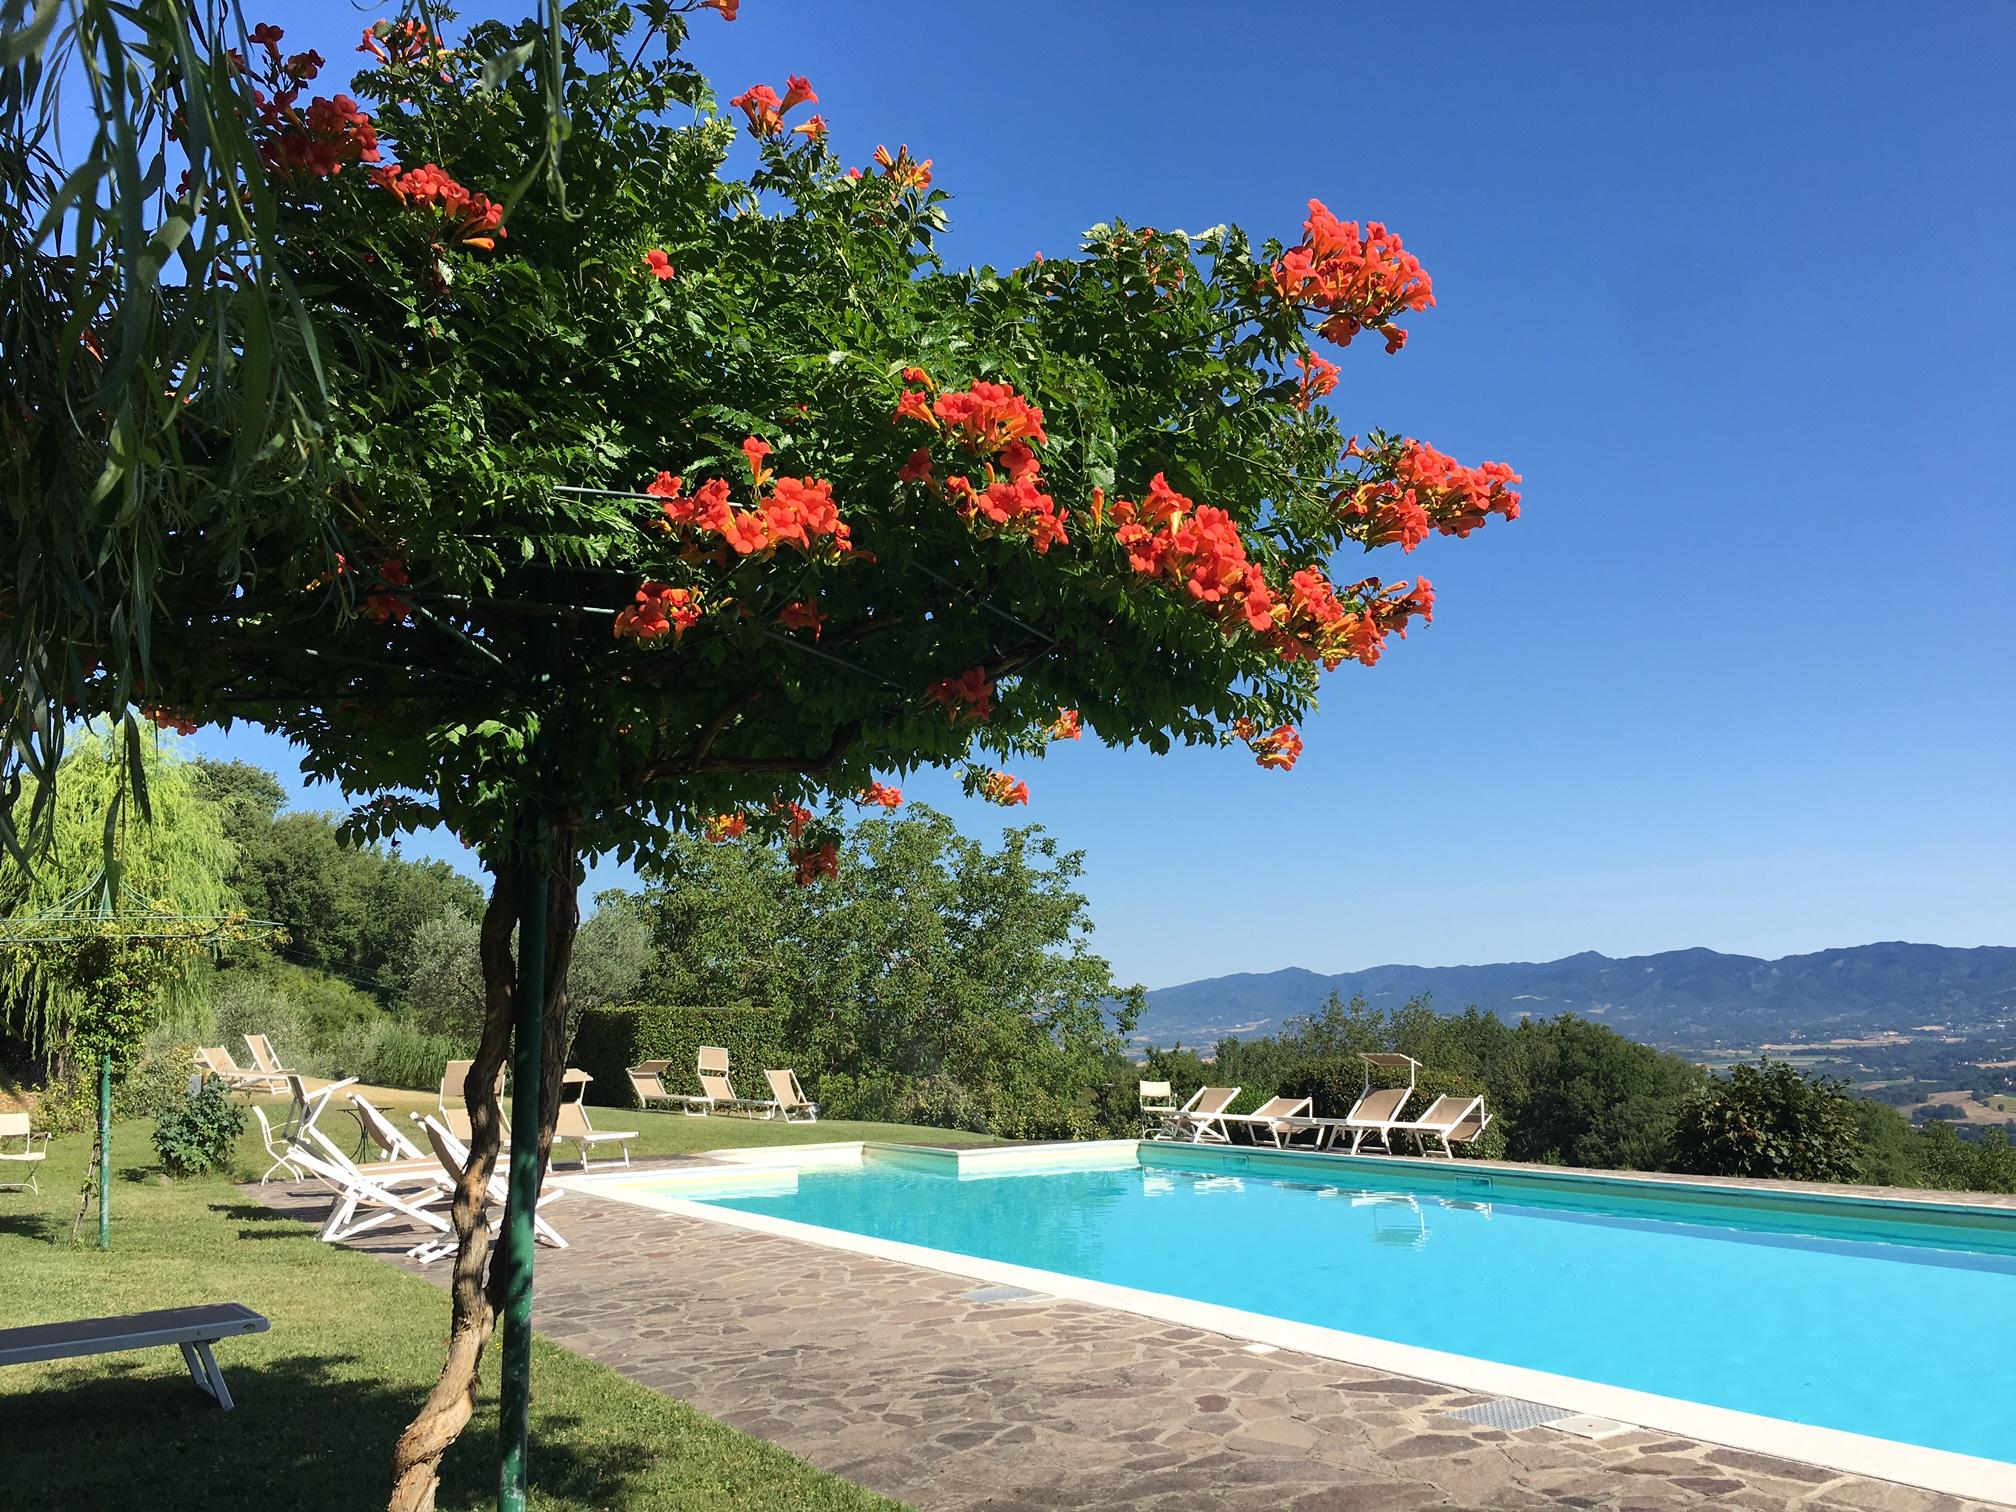 Family Resort in Tuscany at Villa Campestri Olive Oil Resort